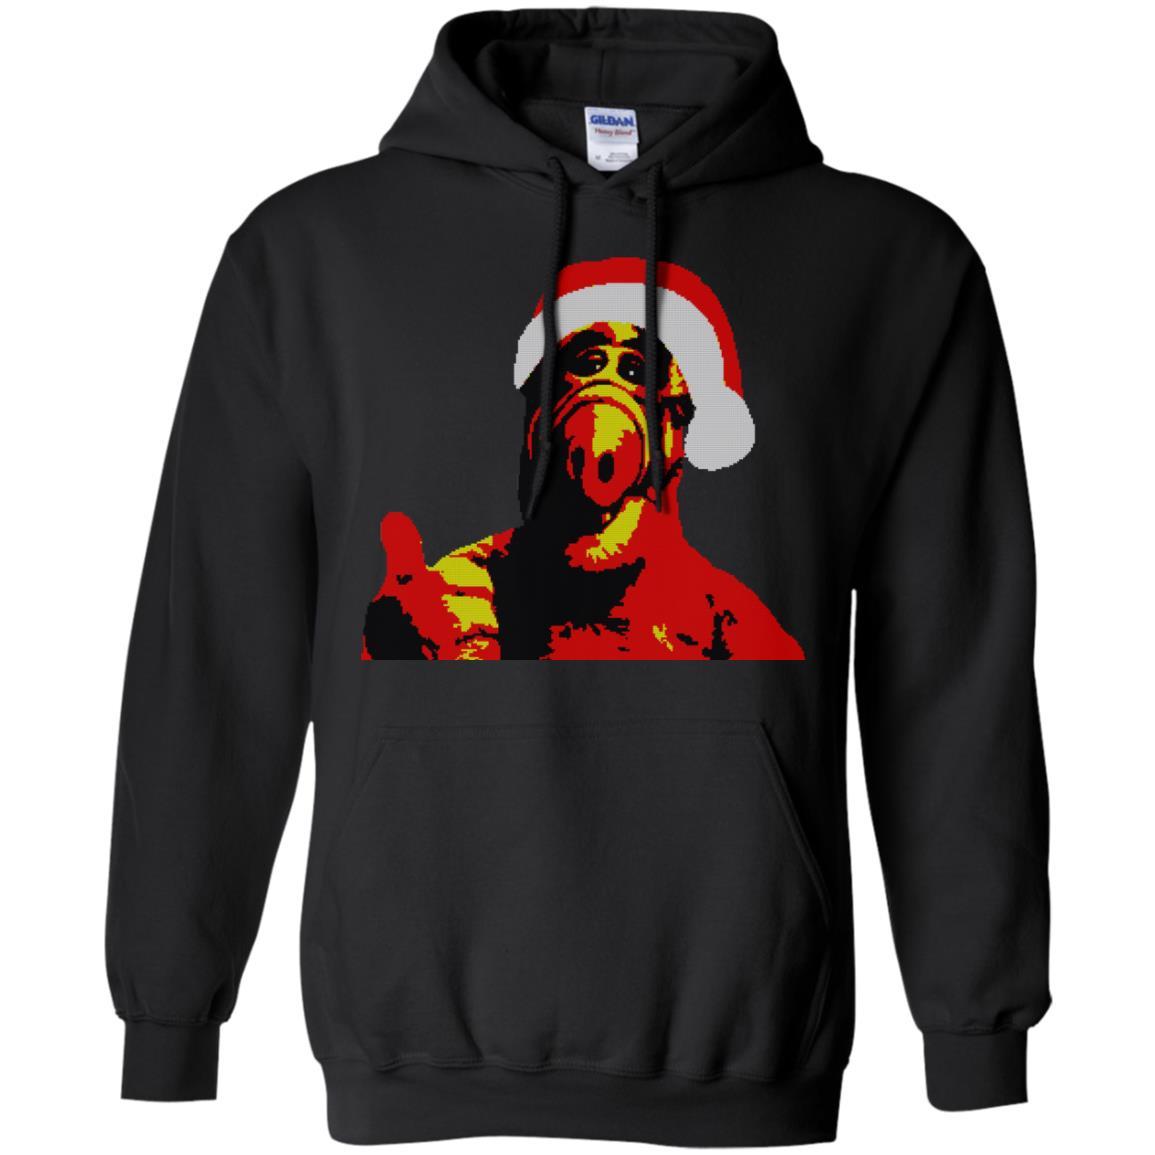 image 1026 - ALF Christmas Sweater, Hoodie, Long Sleeve